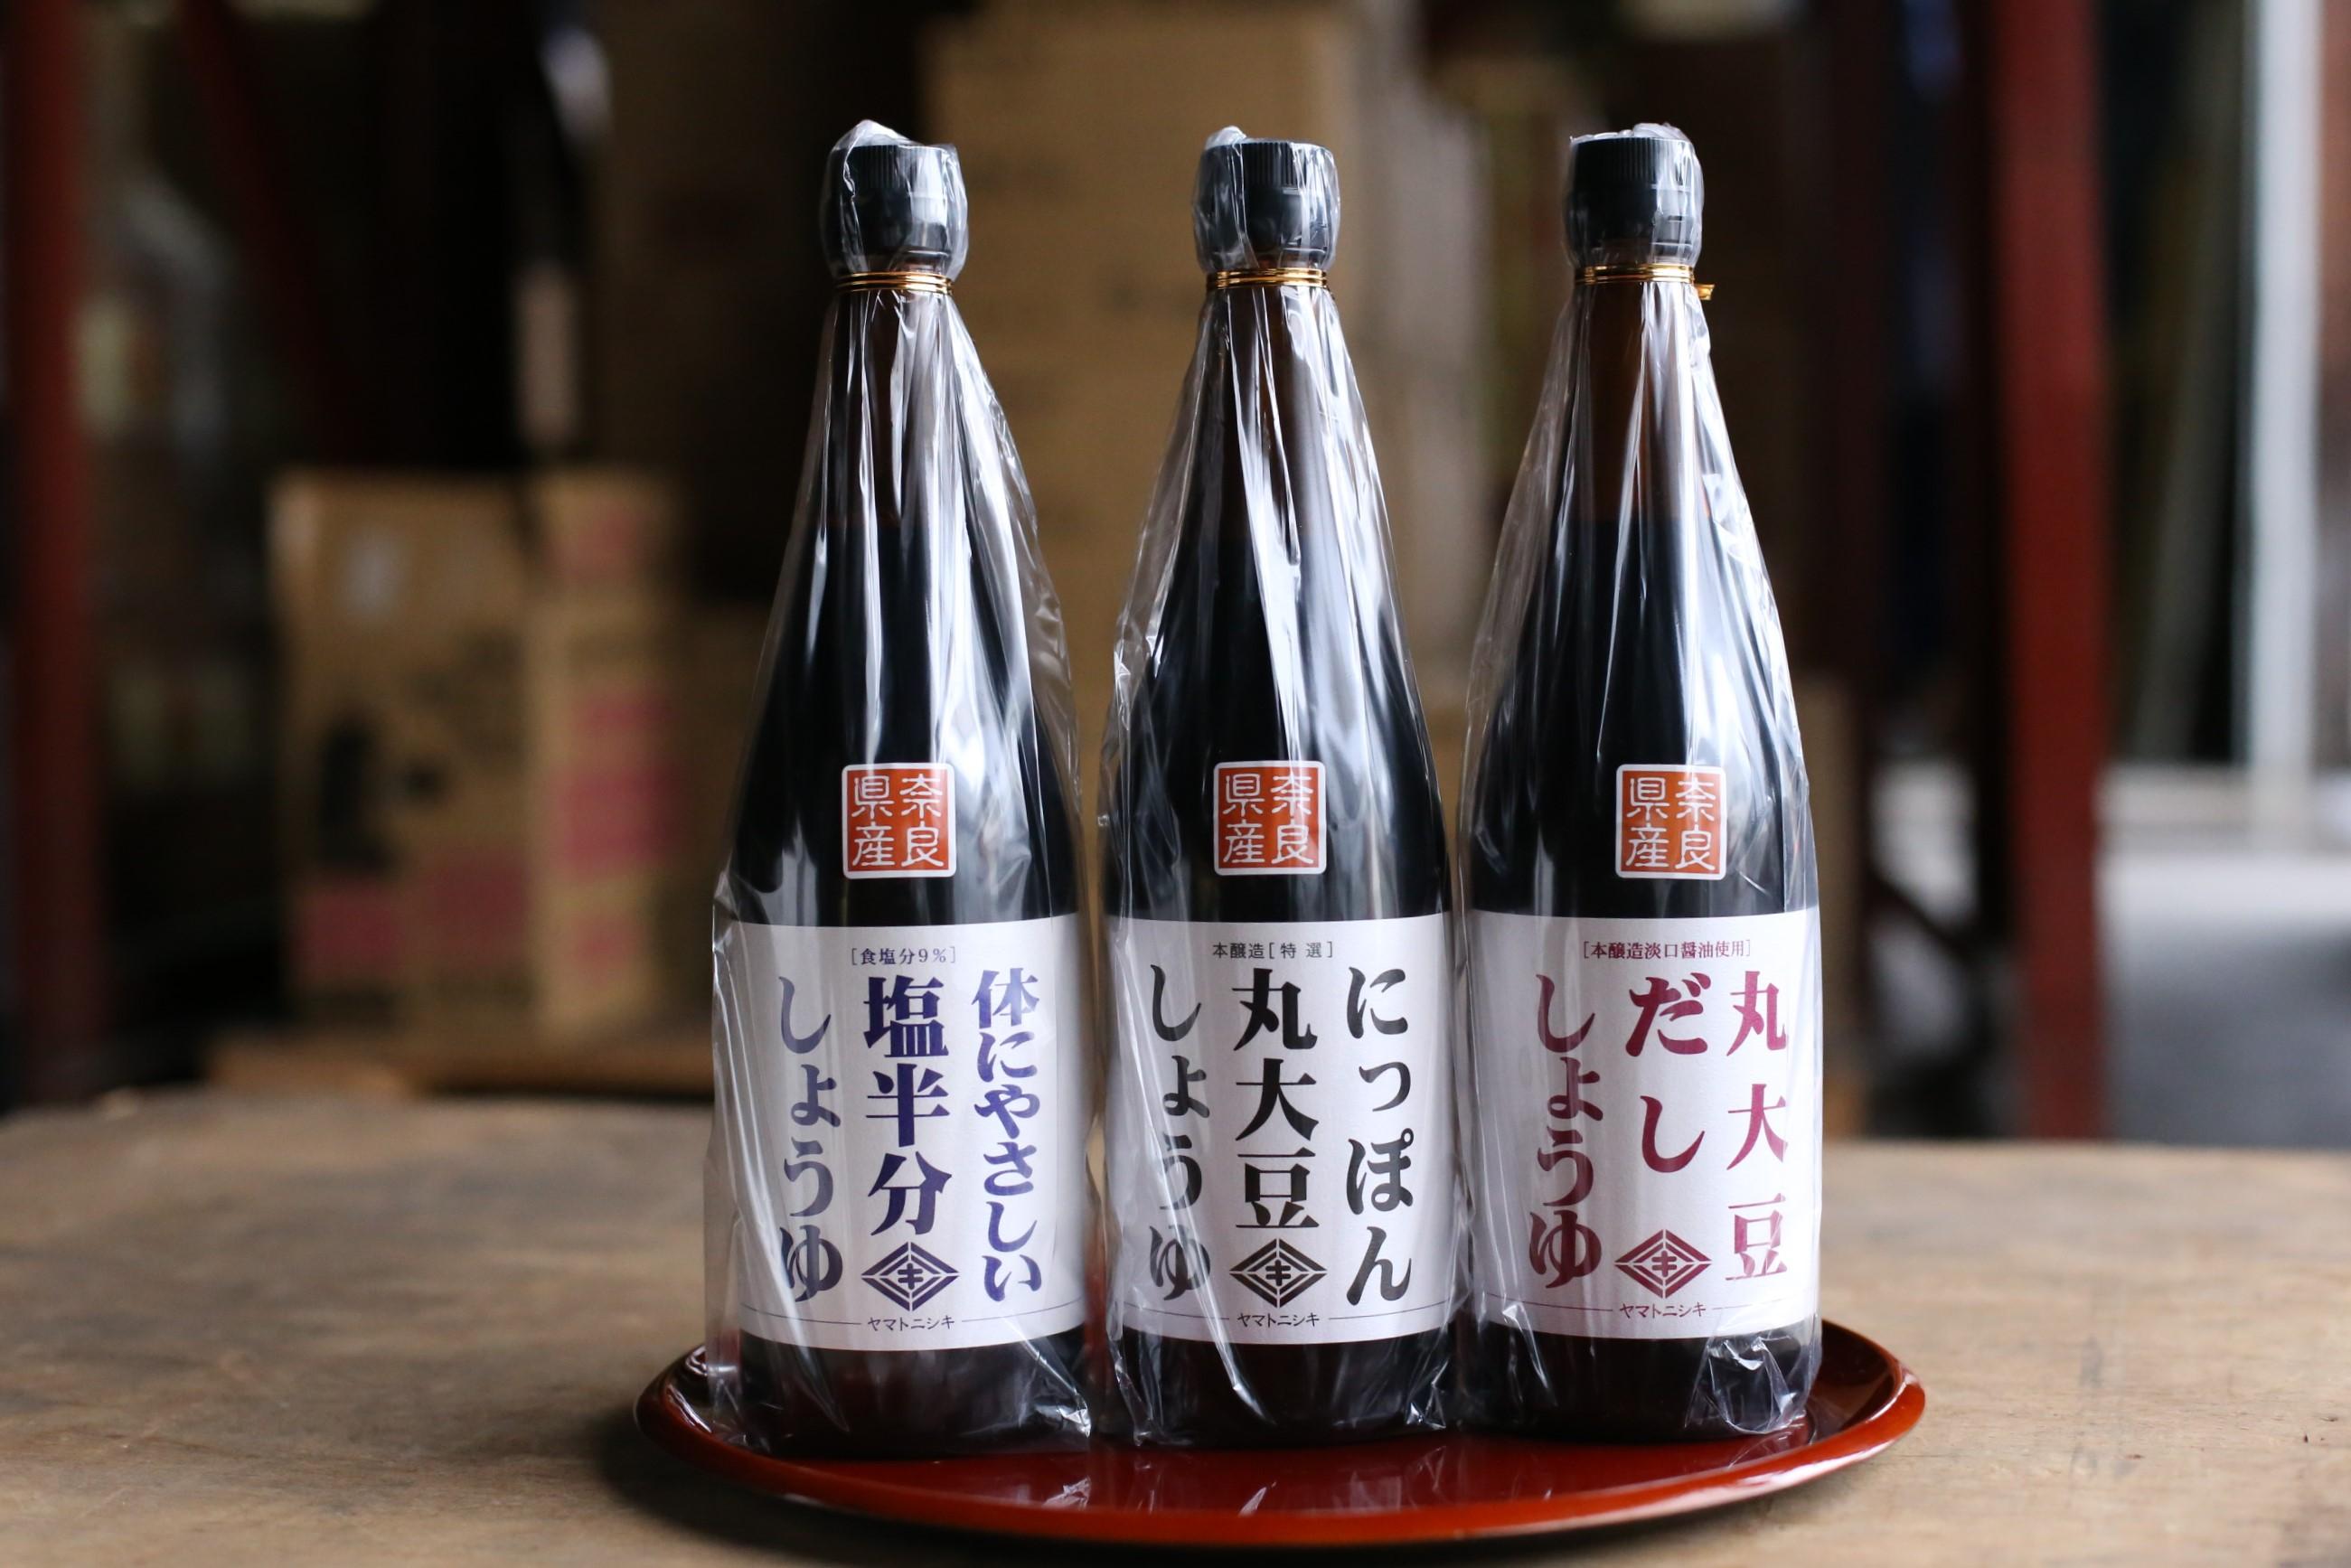 010-029 ニシキ醤油厳選  720ml瓶3本組セット